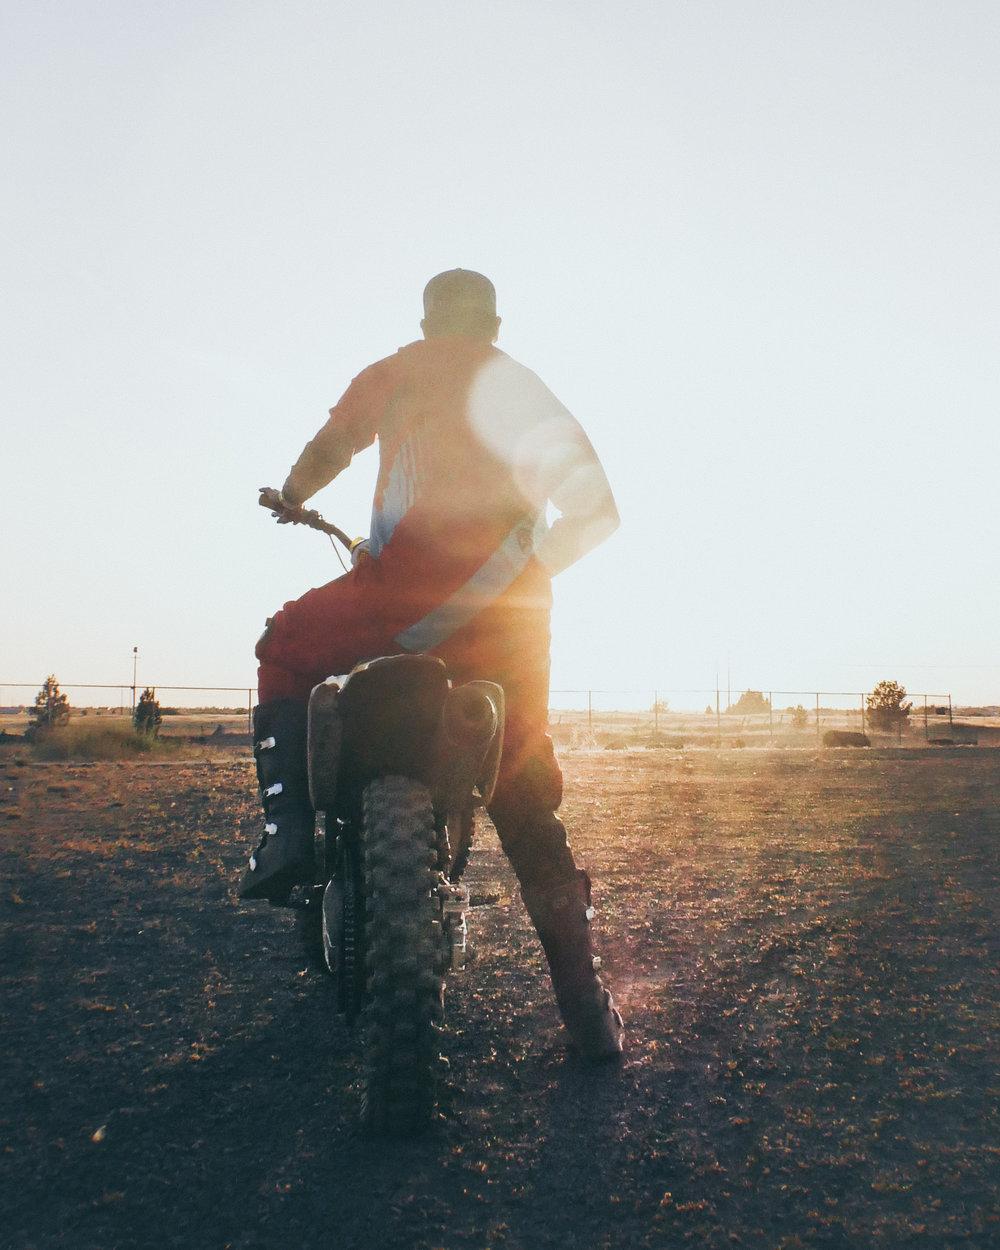 mikey_bike_2.jpg